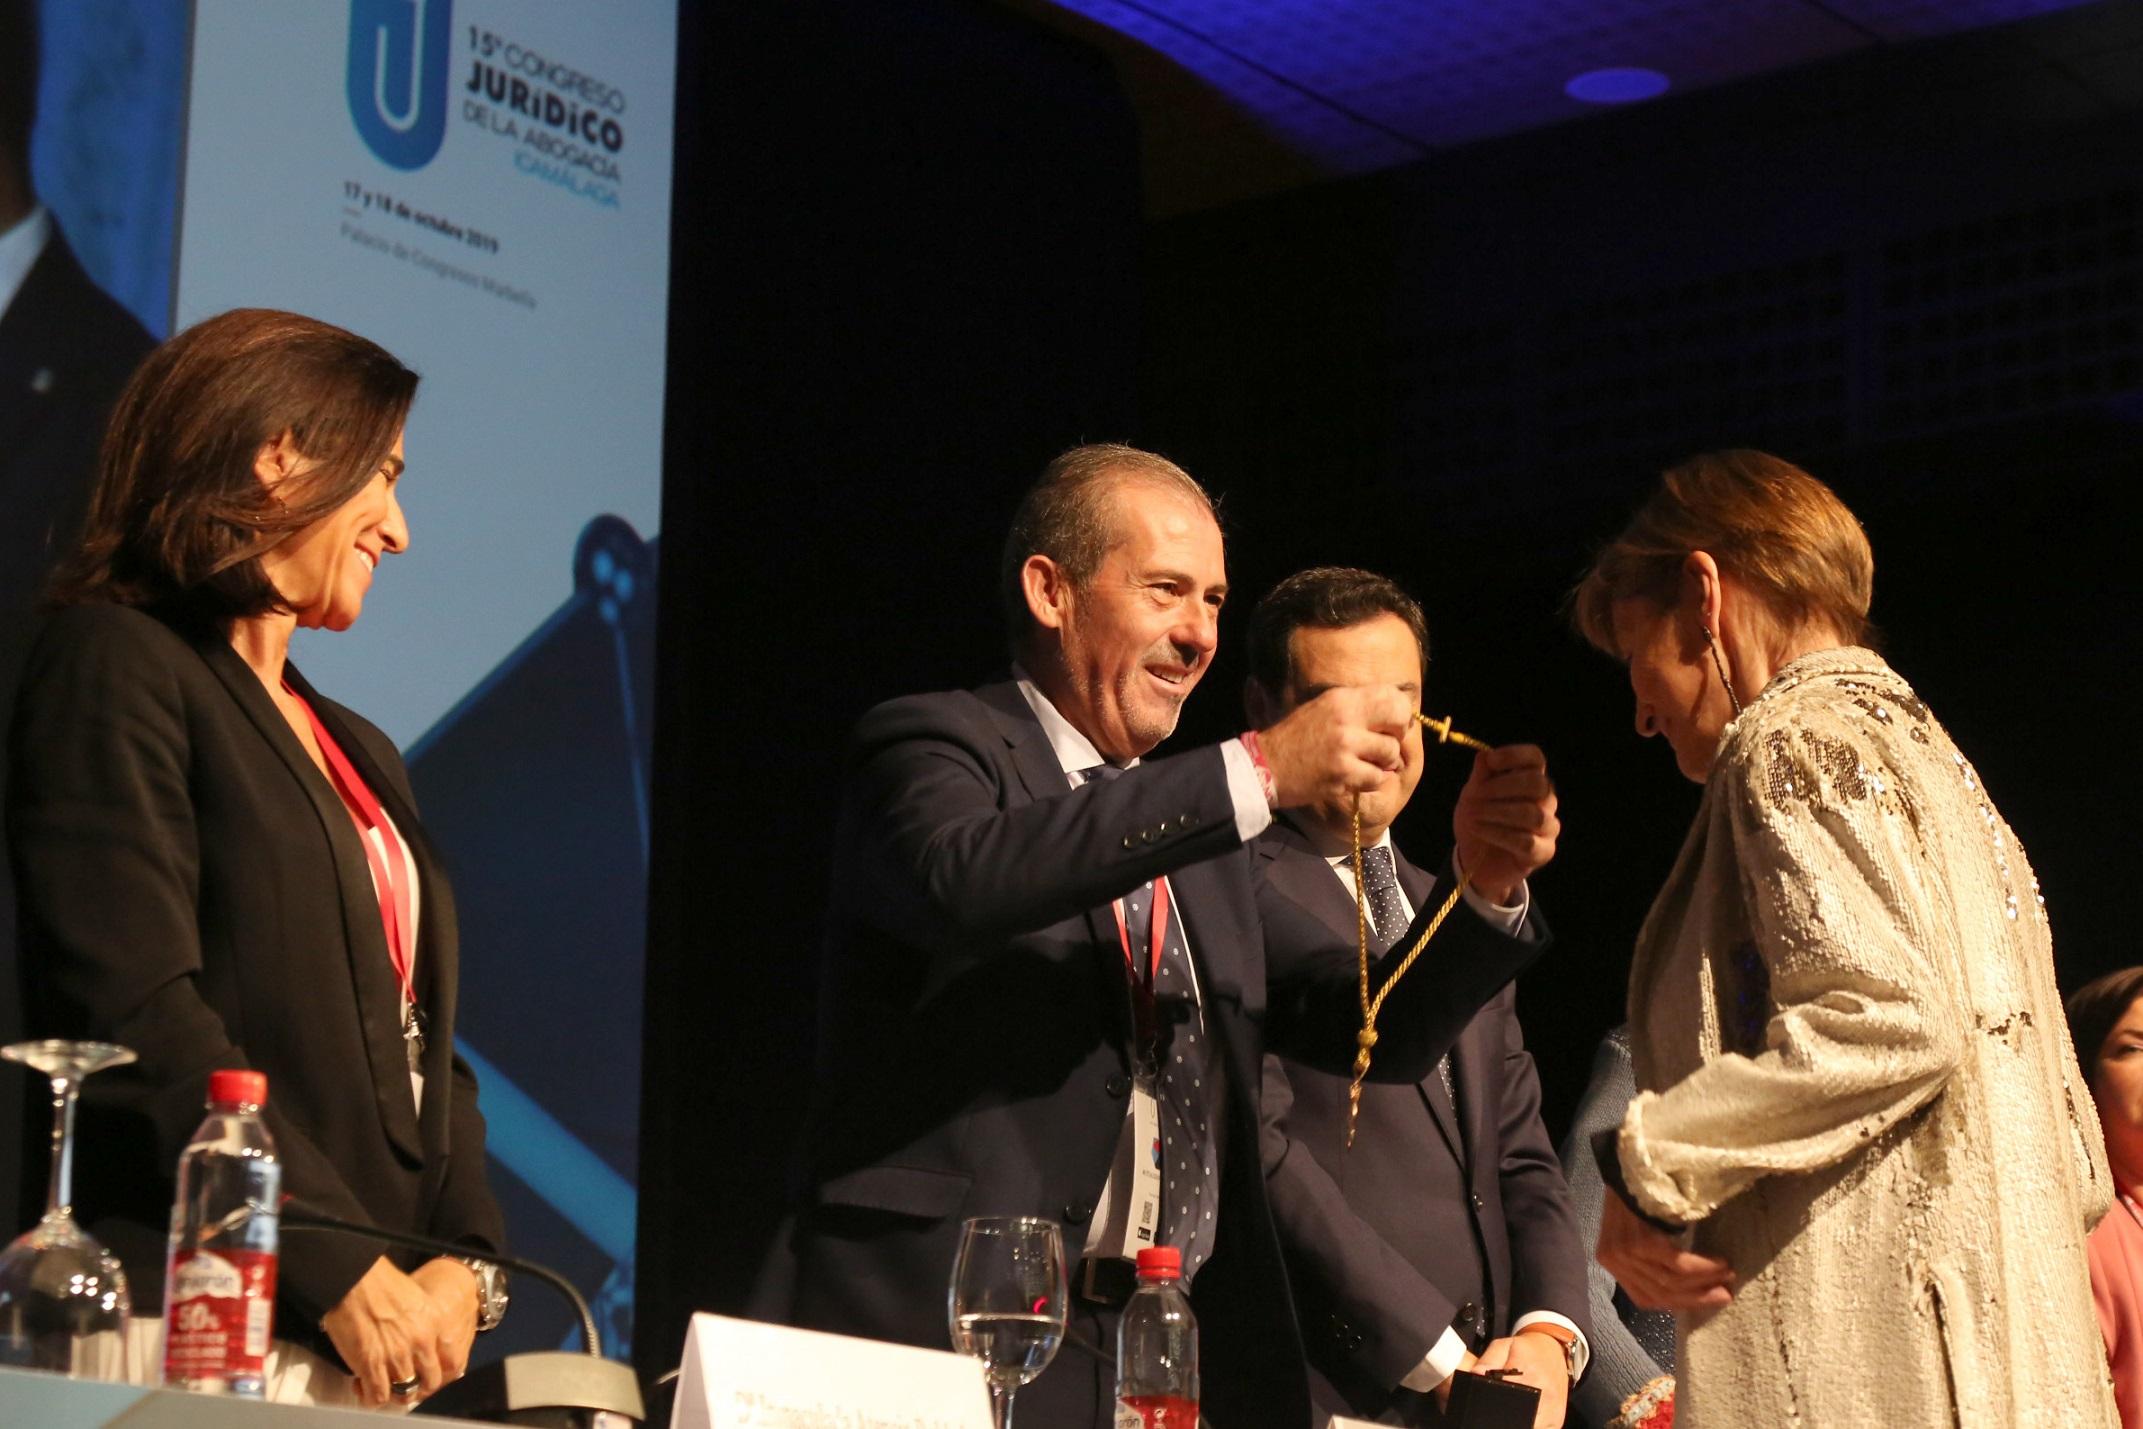 La presidenta del Consejo General de la Abogacía, Victoria Ortega, recibe la Medalla de Honor del Colegio de Abogados de Málaga